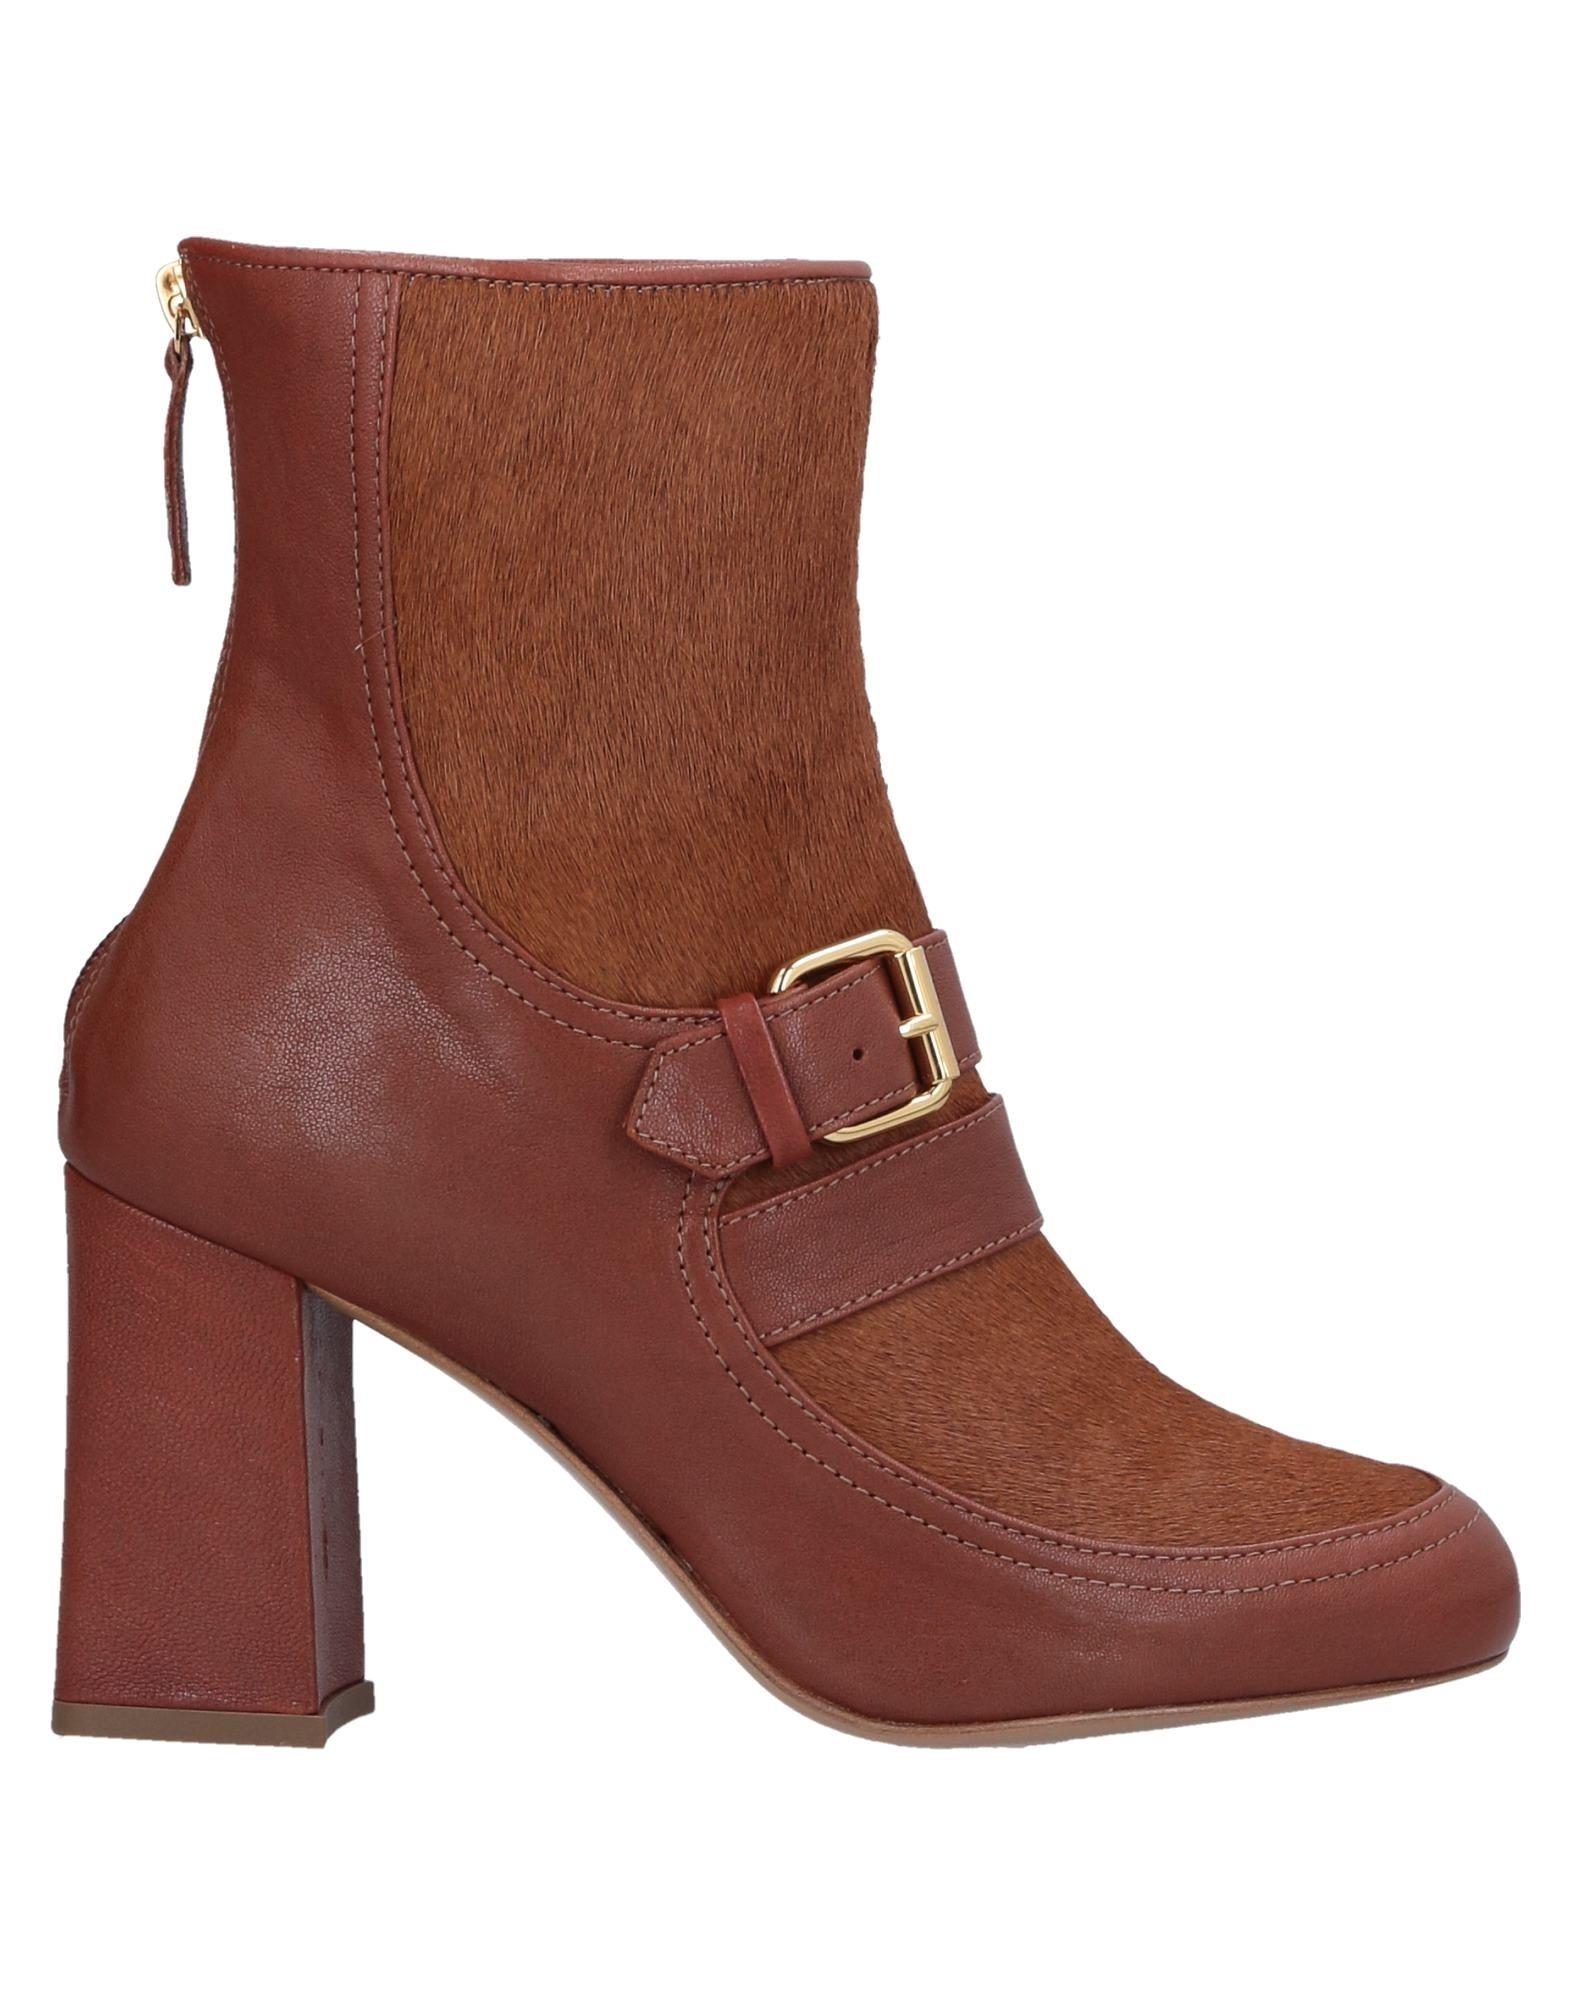 Boutique Moschino gut Stiefelette Damen  11280502PIGünstige gut Moschino aussehende Schuhe 94a305